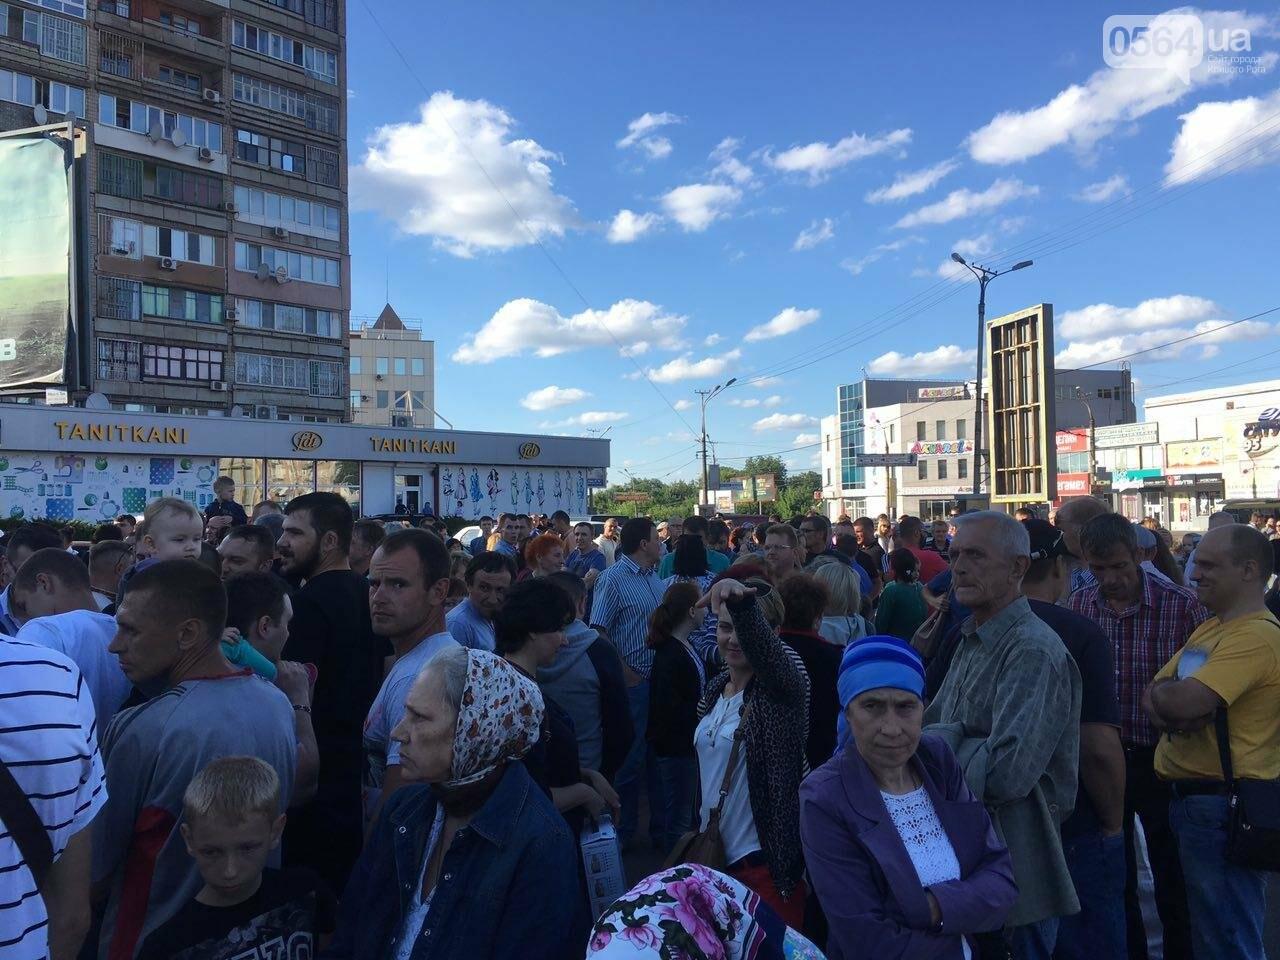 Криворожане собрались на Марш за традиционные семейные ценности, - ФОТО, ПРЯМОЙ ЭФИР, фото-2